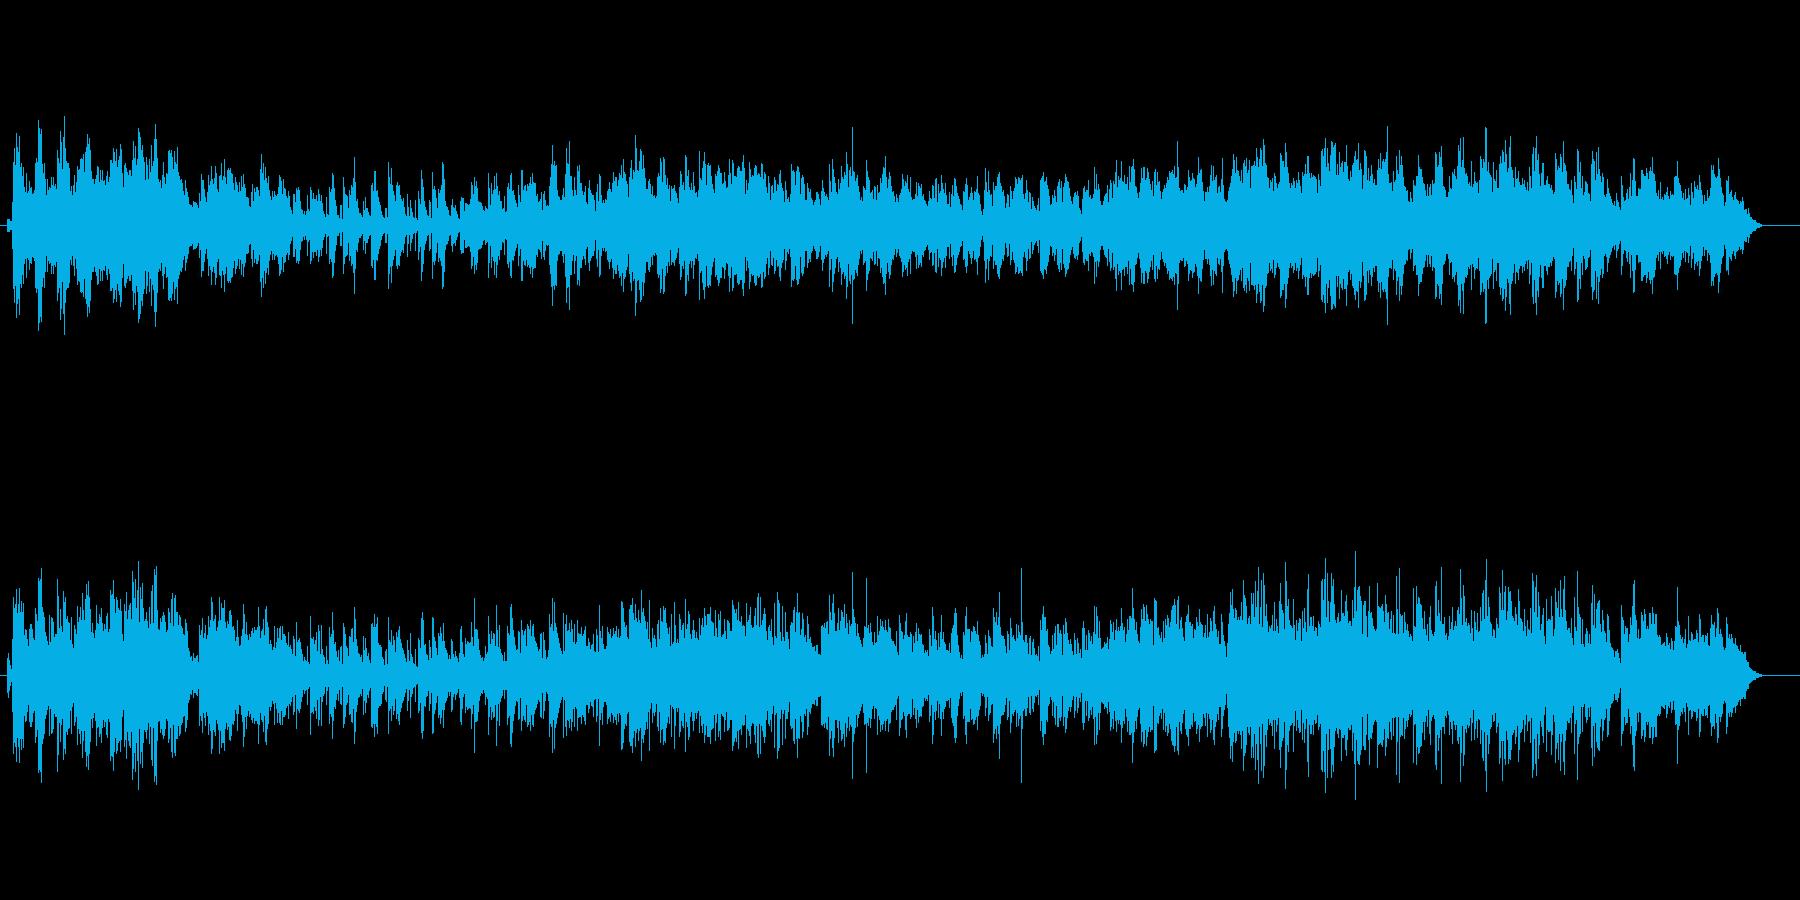 ムーディーで心温まるピアノ・メロディーの再生済みの波形